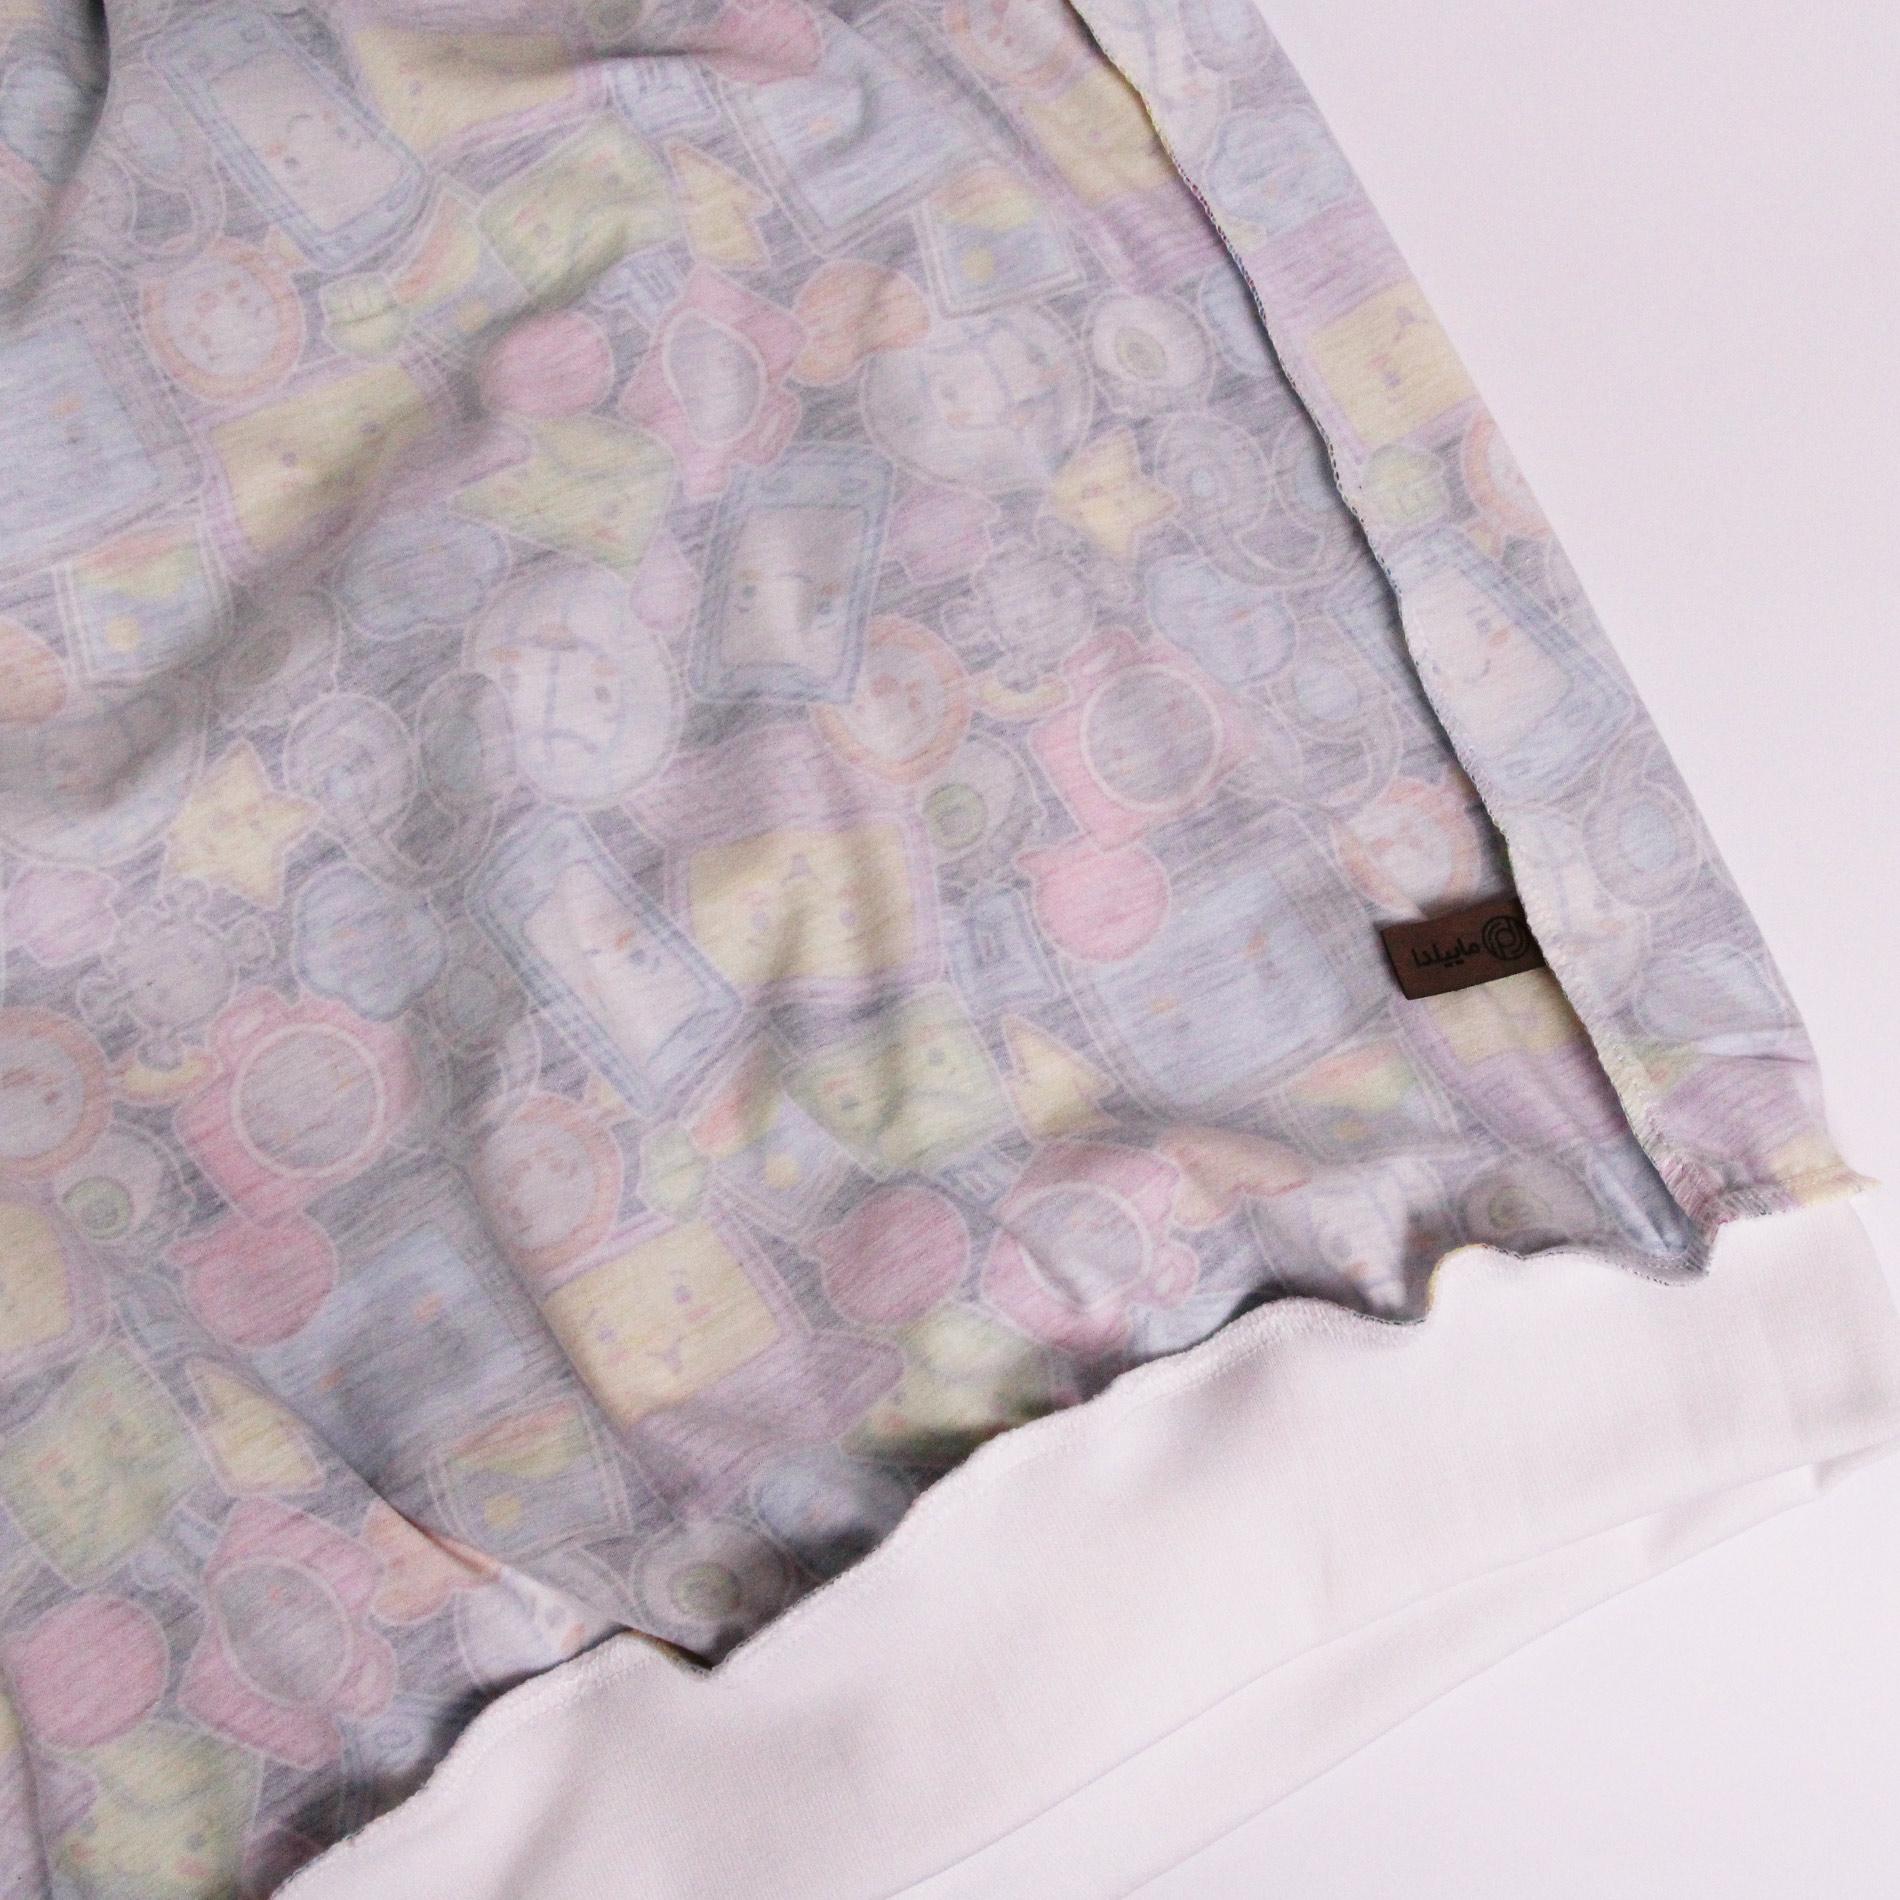 ست تی شرت و شلوار زنانه ماییلدا مدل 3587-3 main 1 5